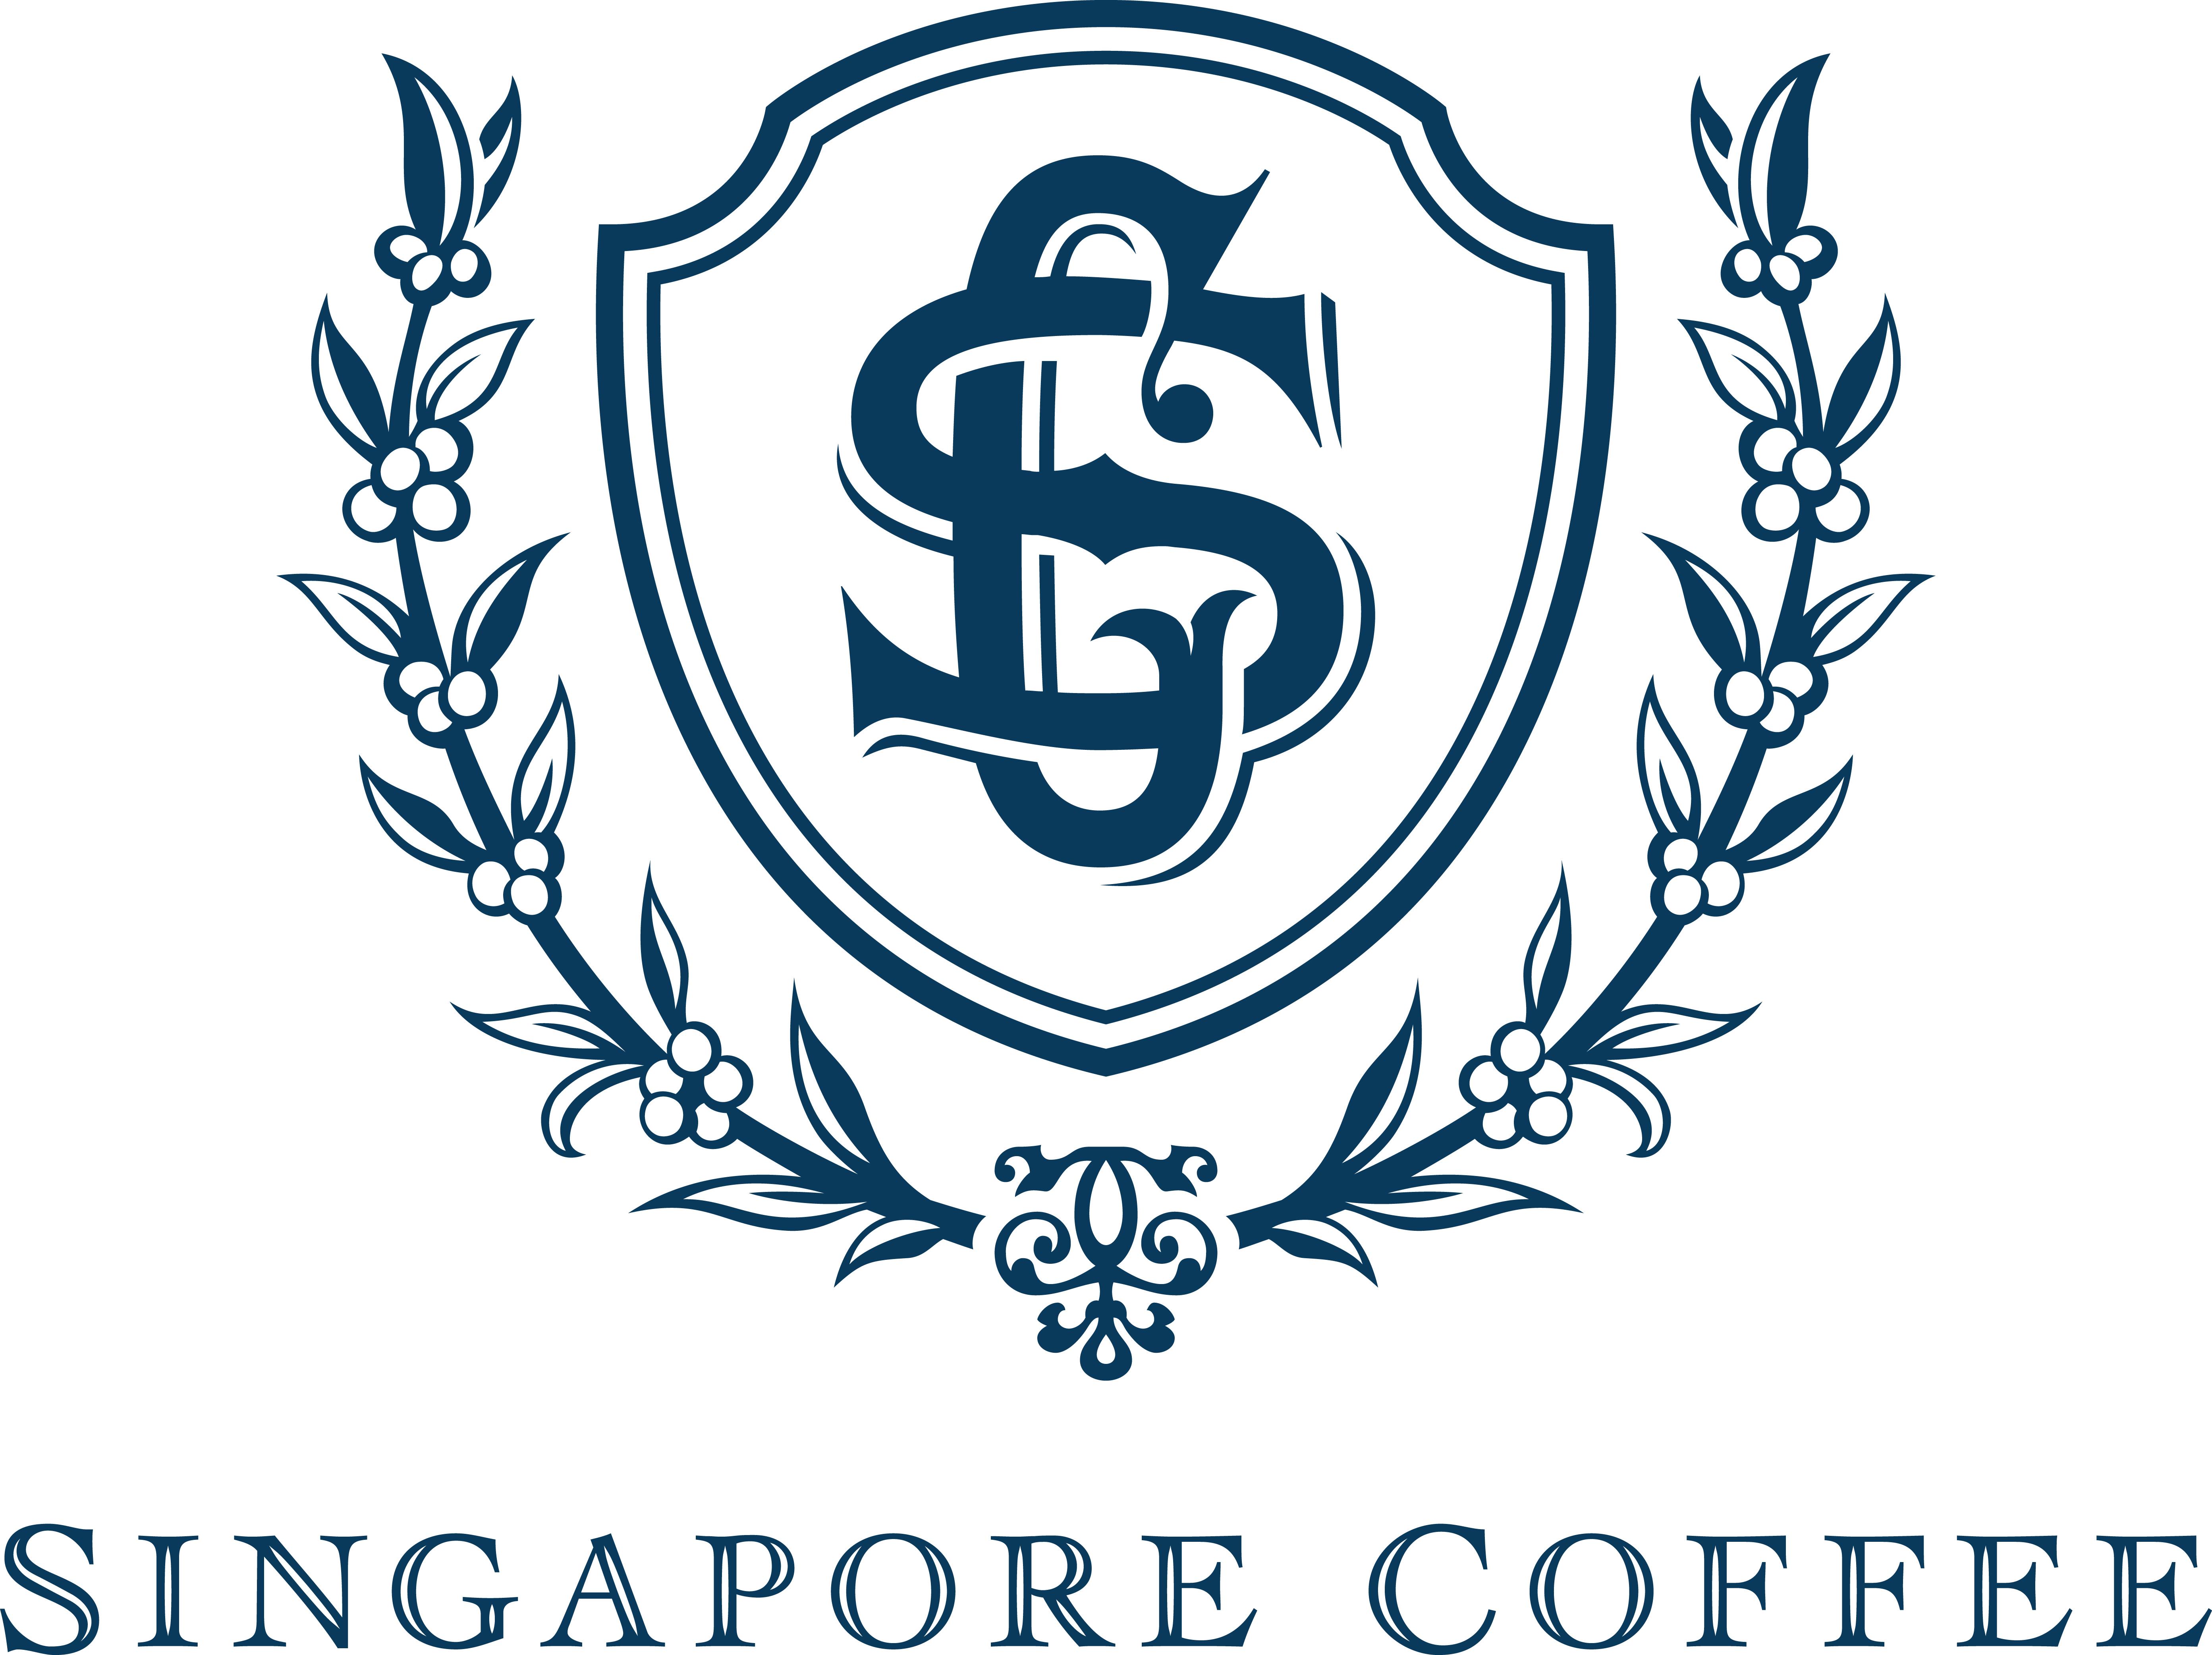 Singapore Coffee